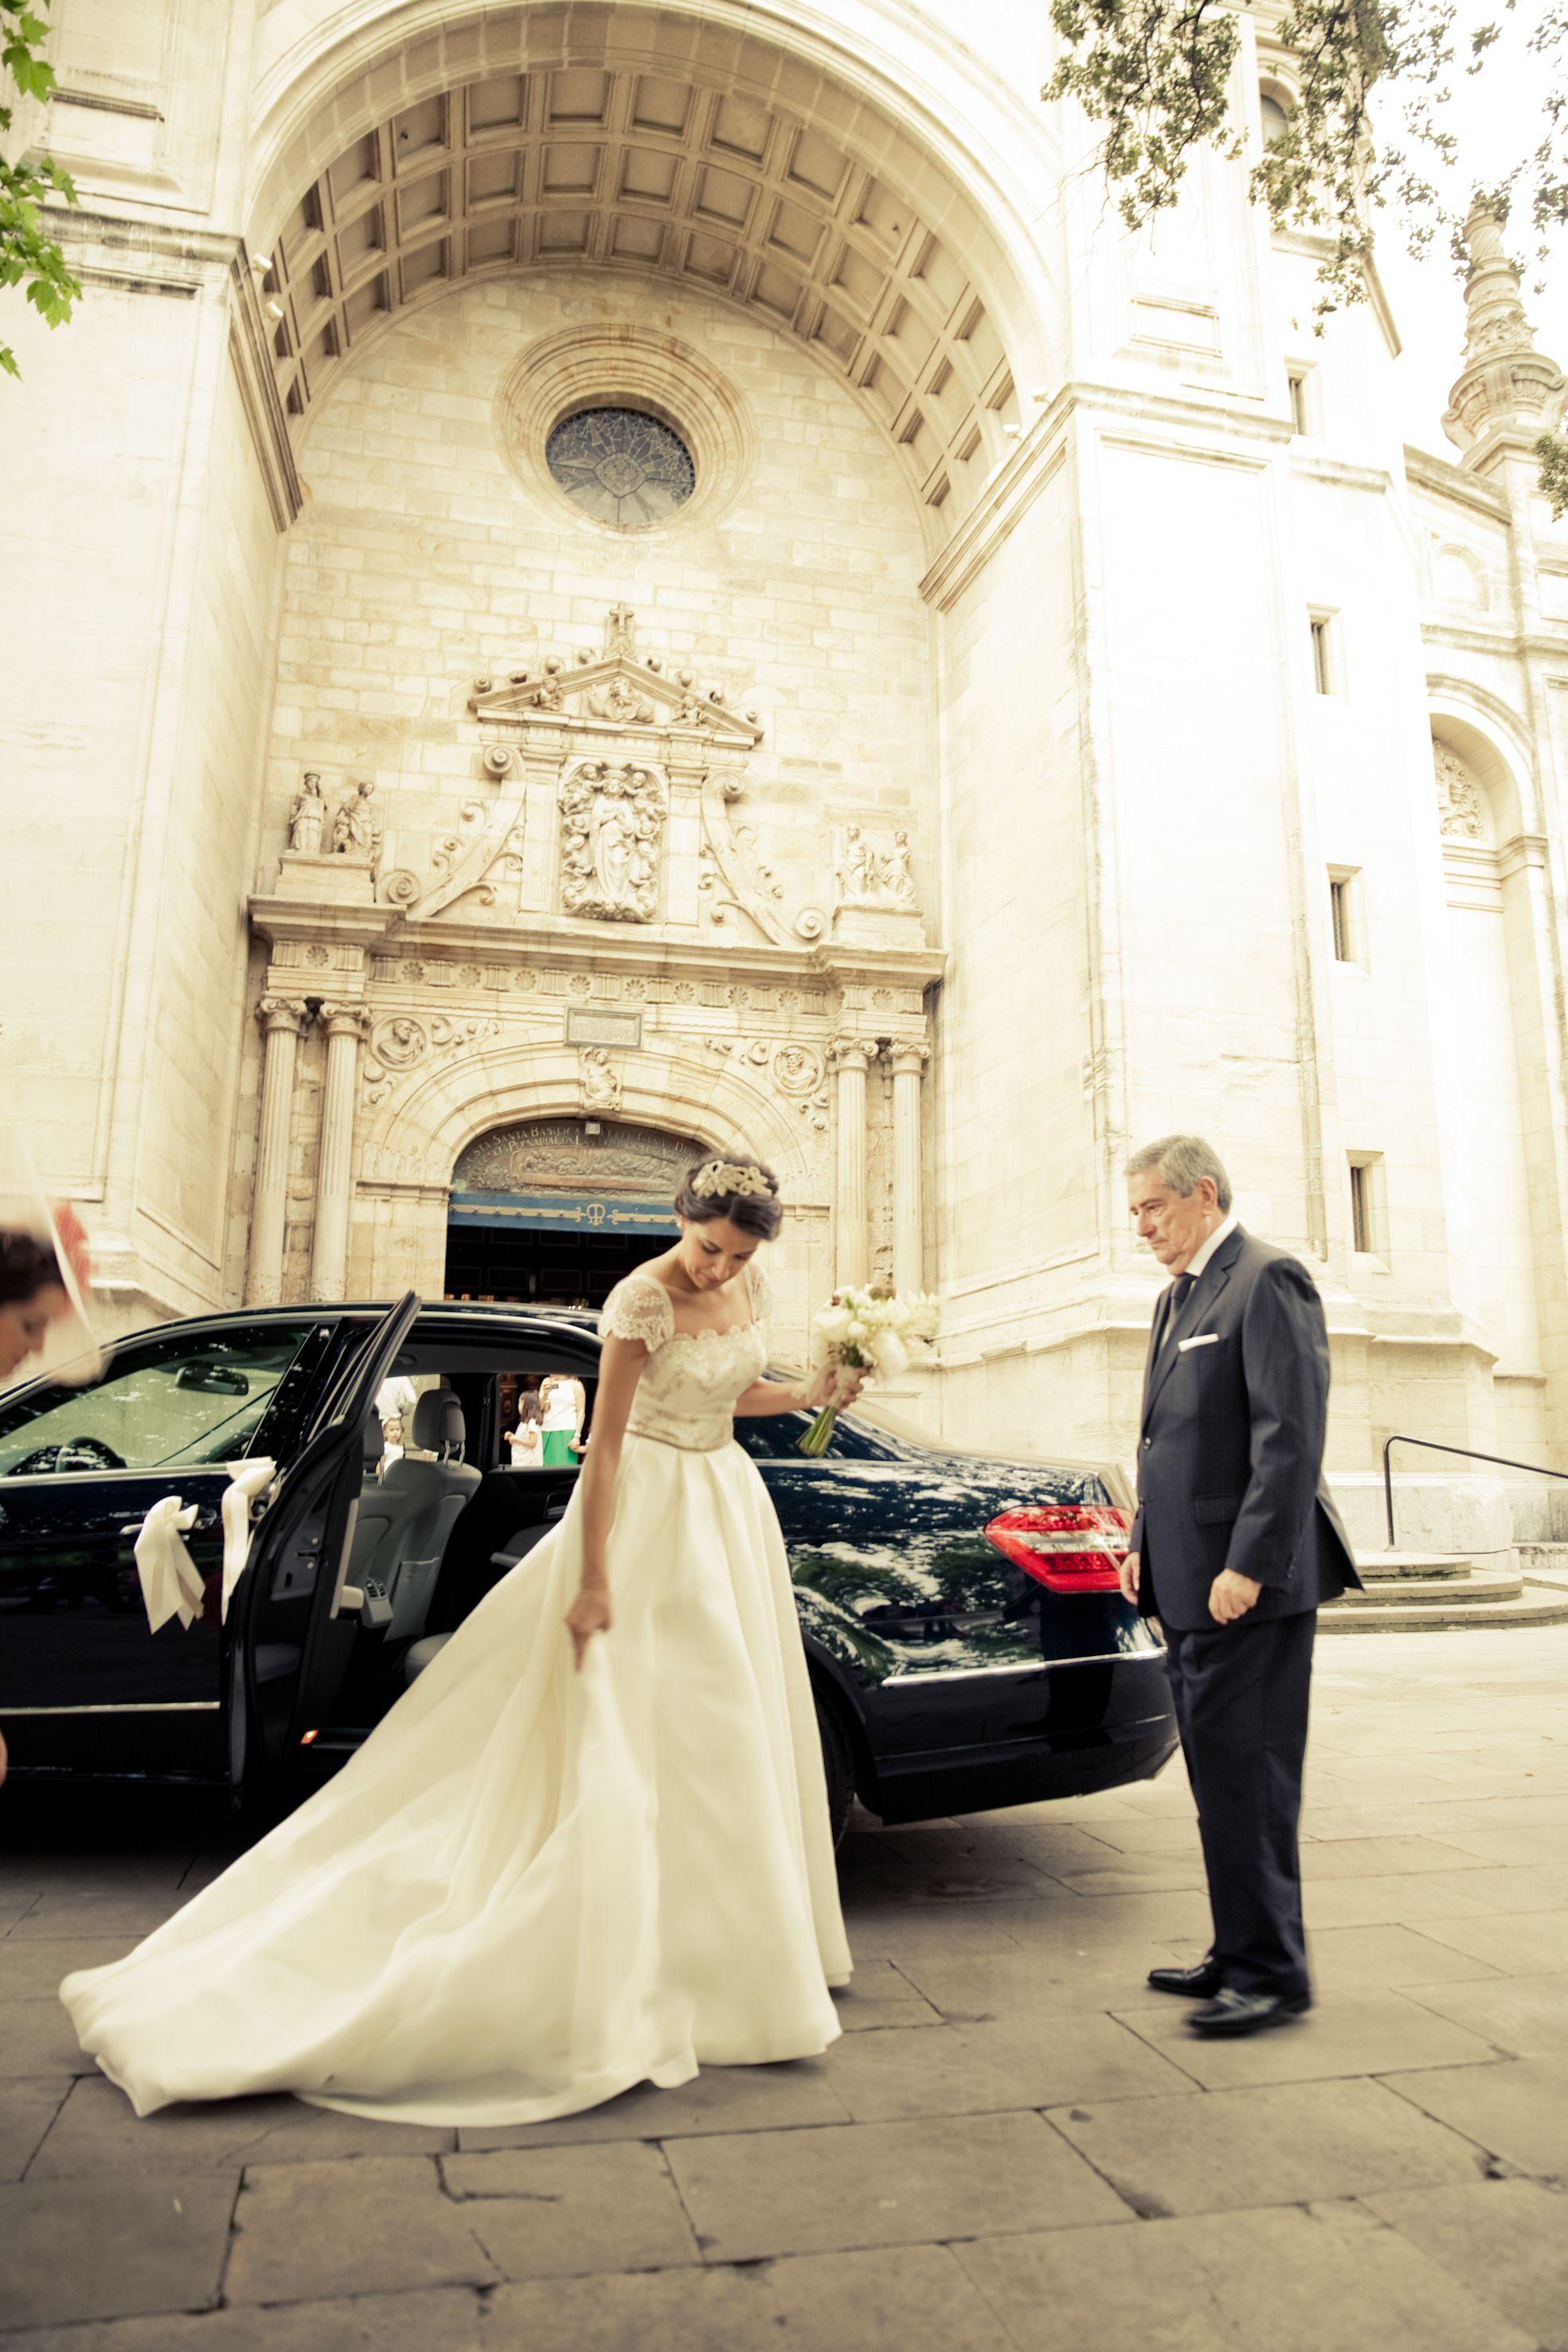 Carmen Soto The Bride   Atelier de vestidos de novia   2ª parte: La boda de Silvia, una novia The Bride inolvidable.   http://www.carmensotothebride.com